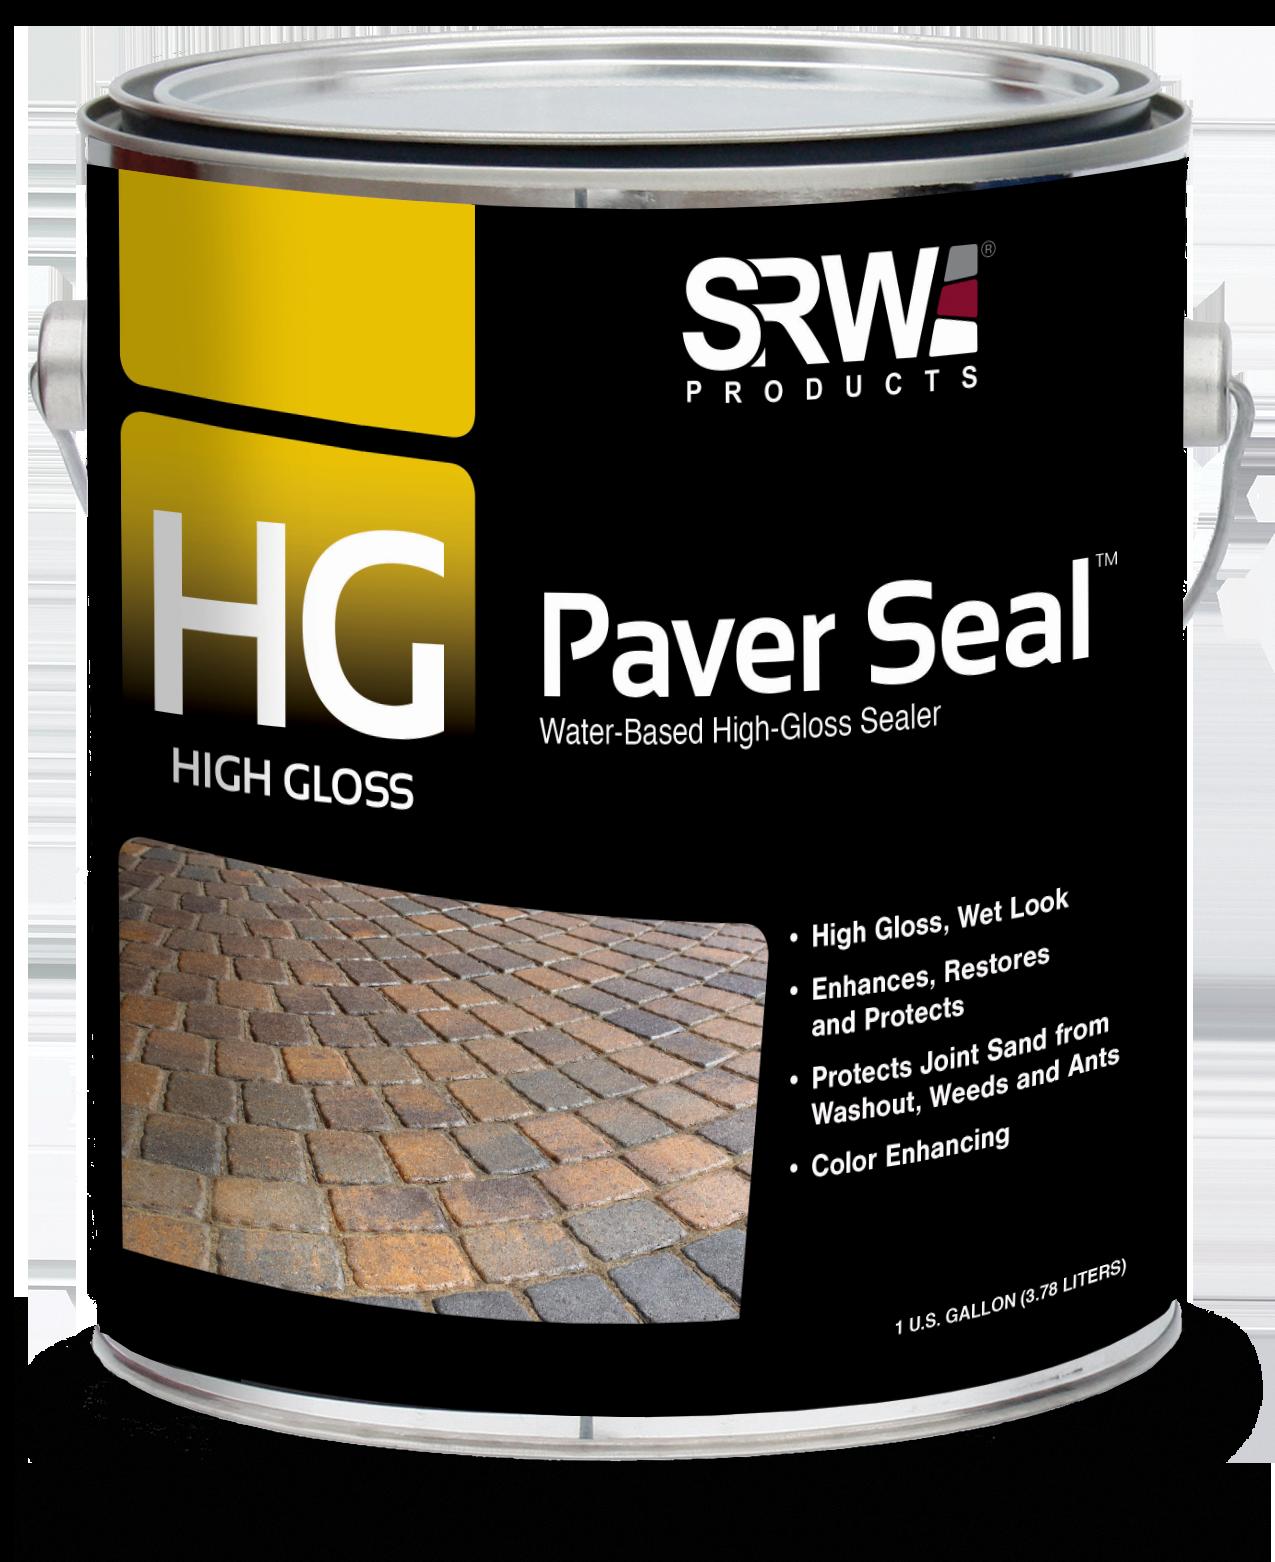 HG_1Gallon_Paver Seal_2019_RGB_SHADOW